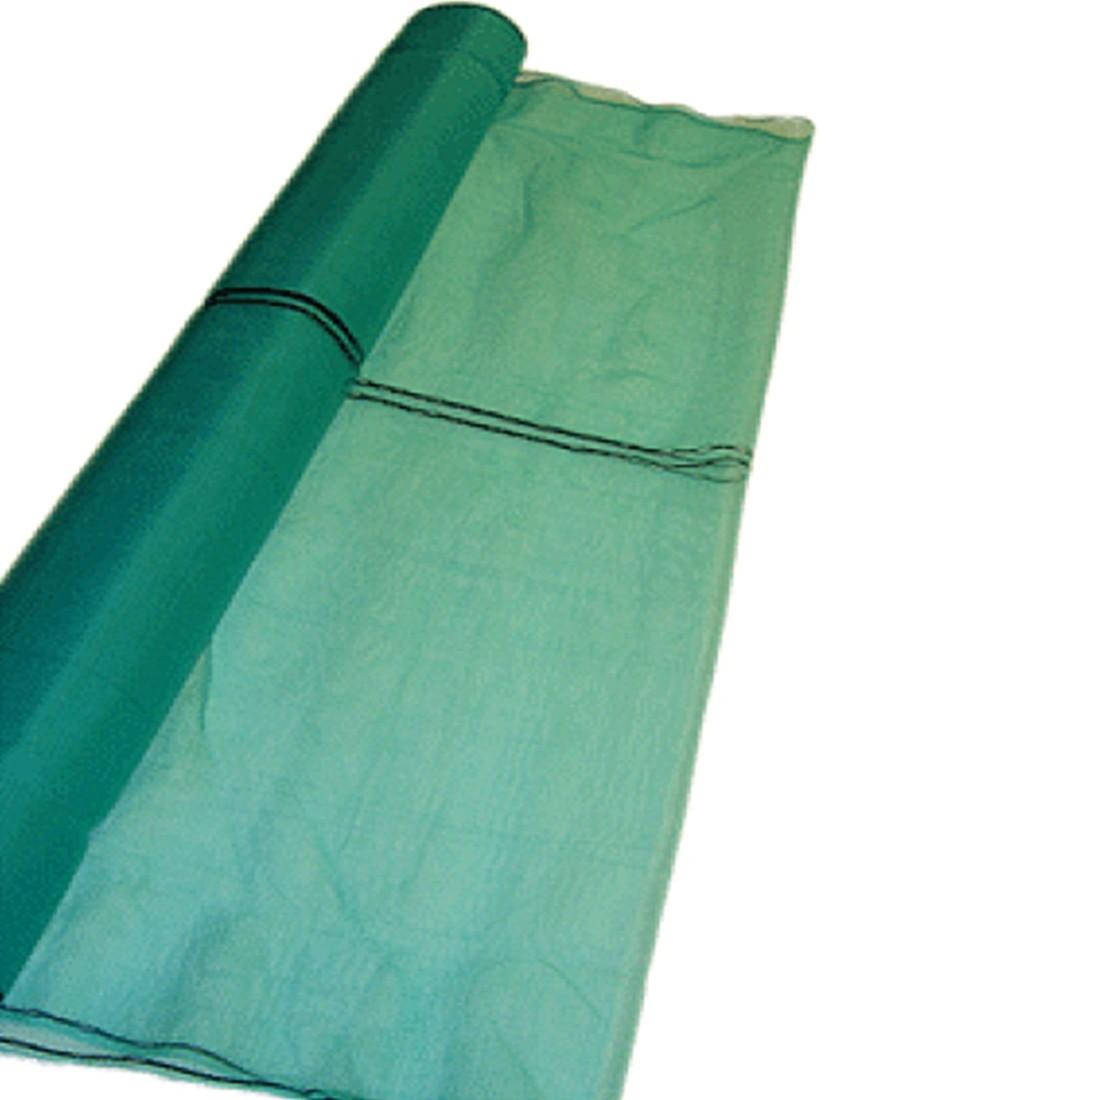 45% Shade Netting Green